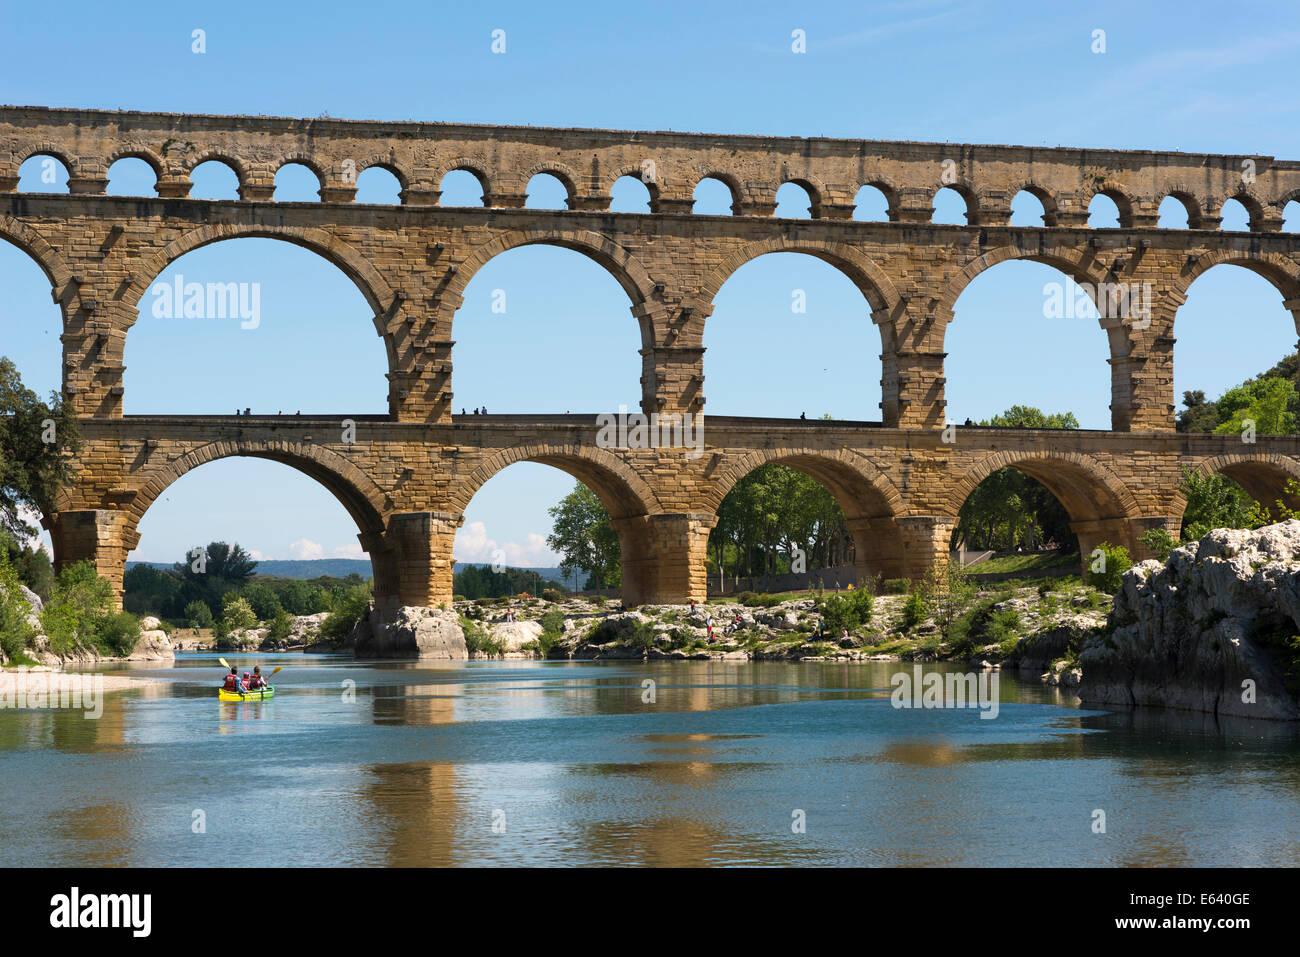 Pont du Gard, Roman aqueduct, UNESCO World Heritage Site, over the Gardon River, Vers-Pont-du-Gard, Département Stock Photo